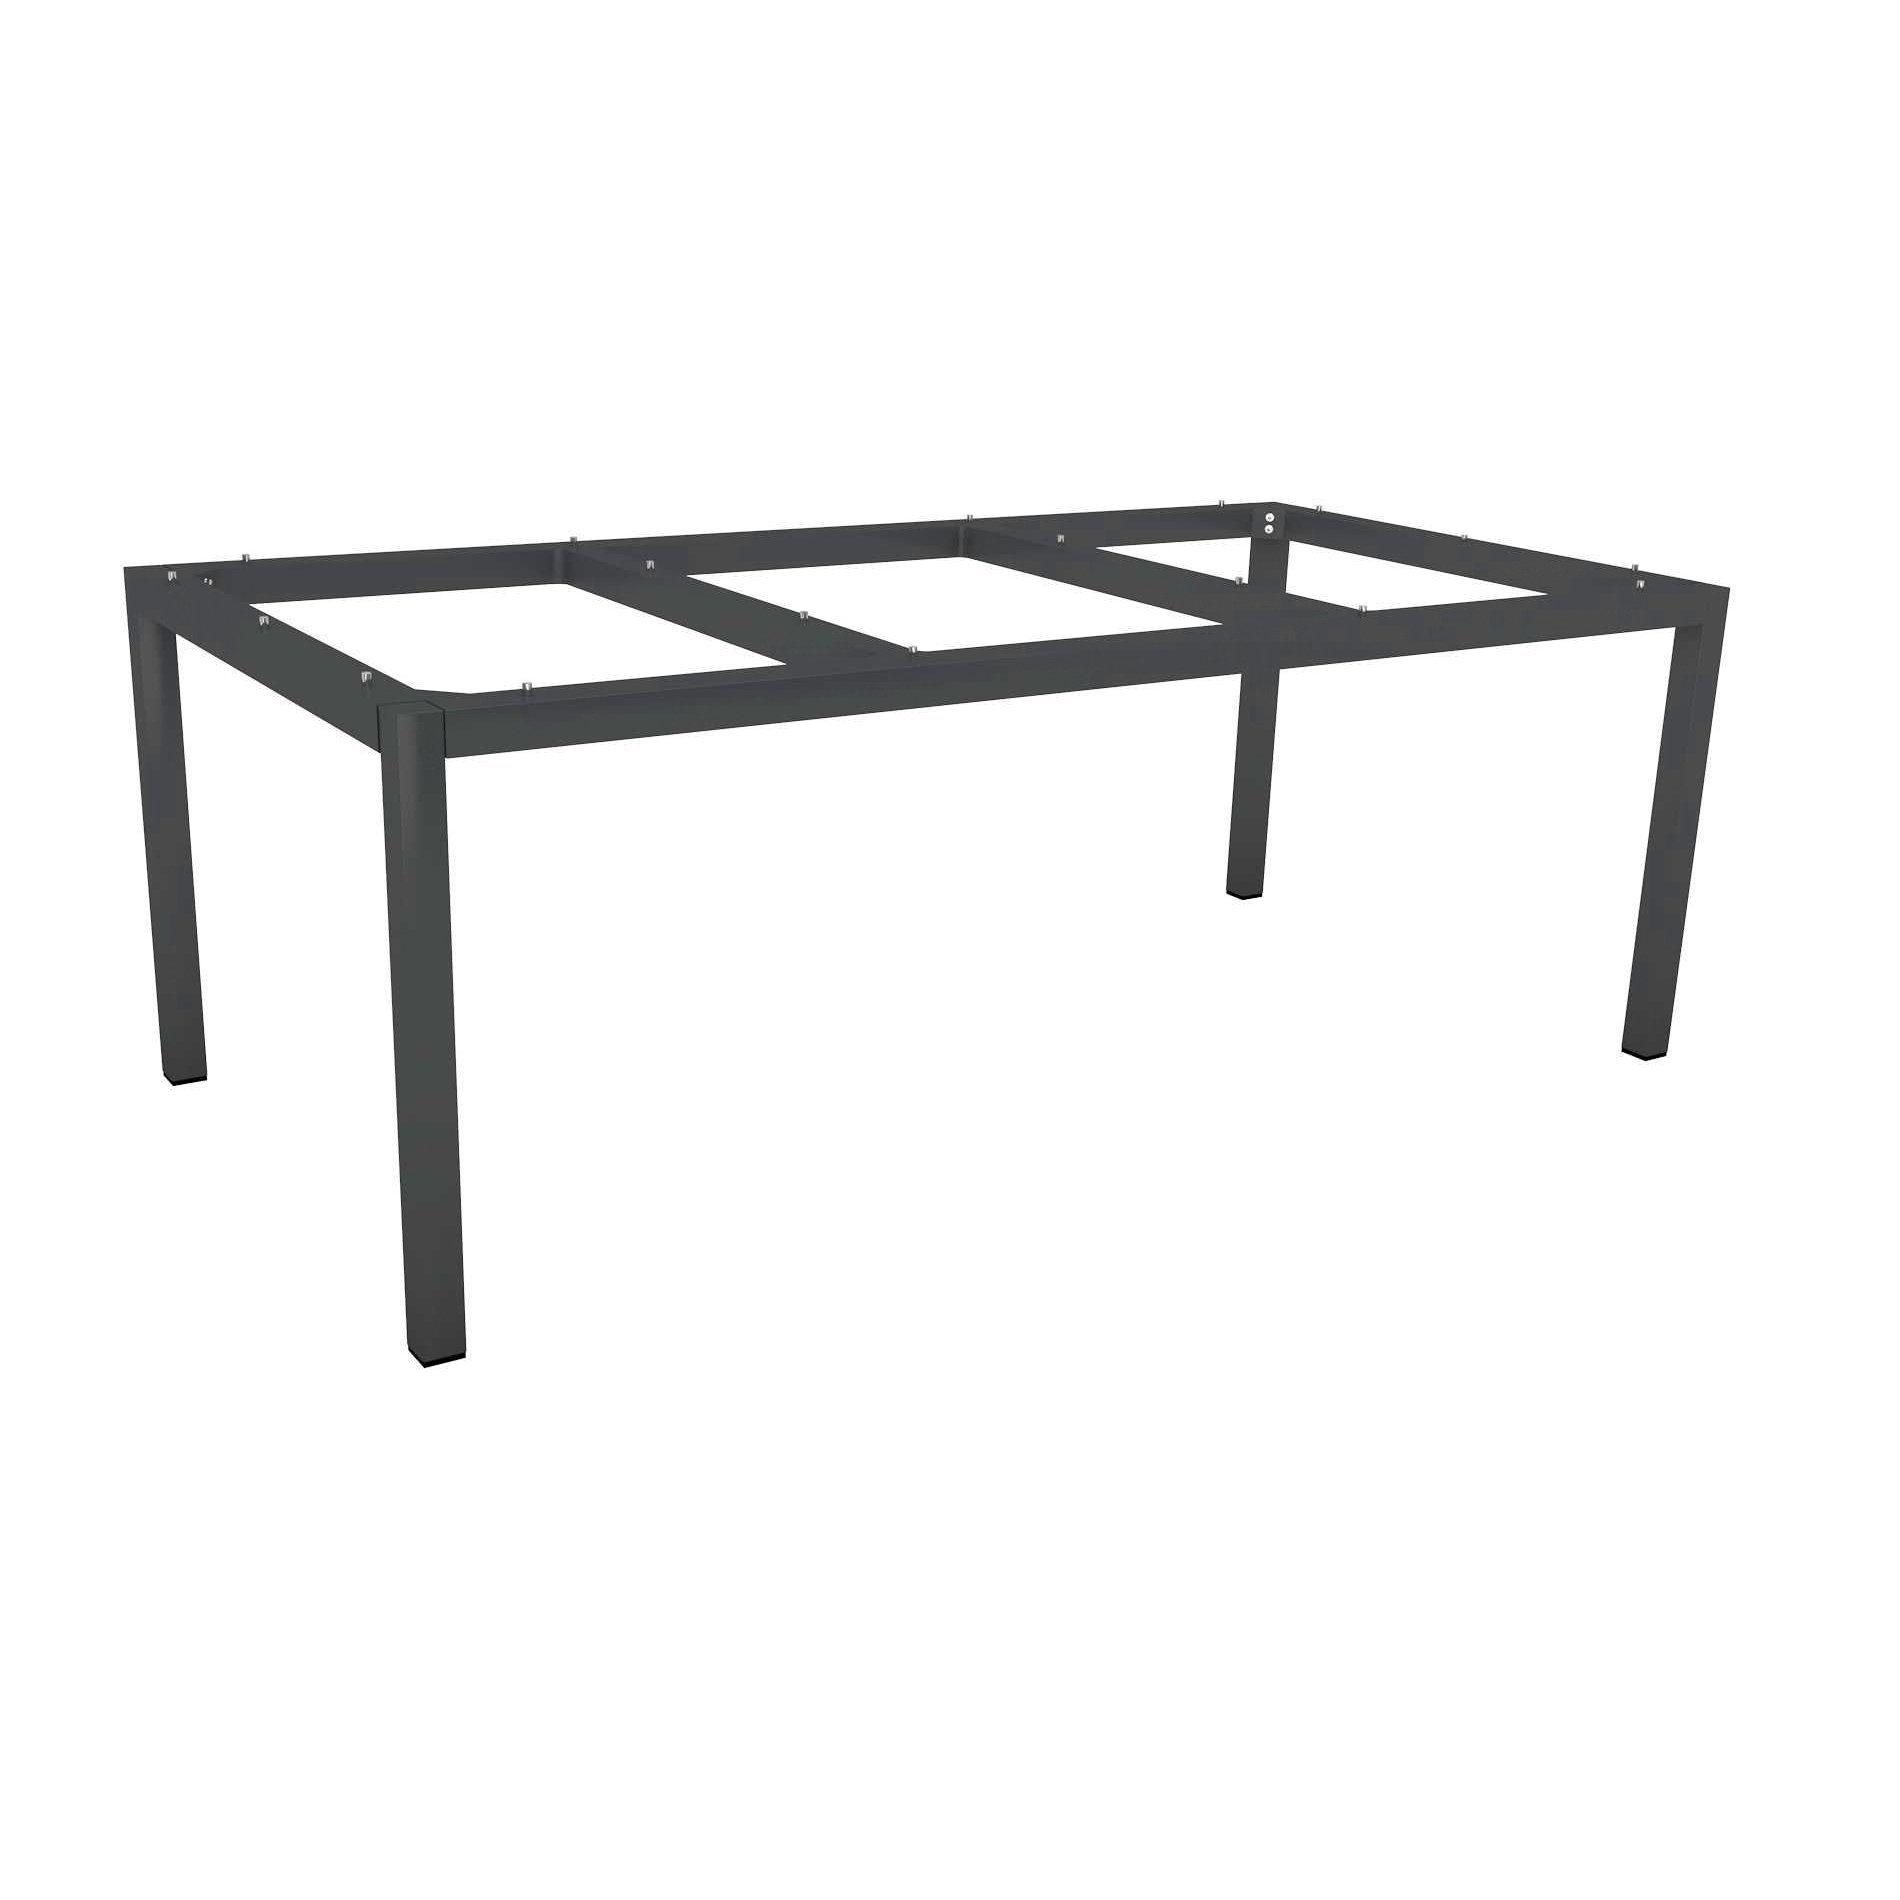 Stern Tischsystem Gartentisch Aluminium/Granit